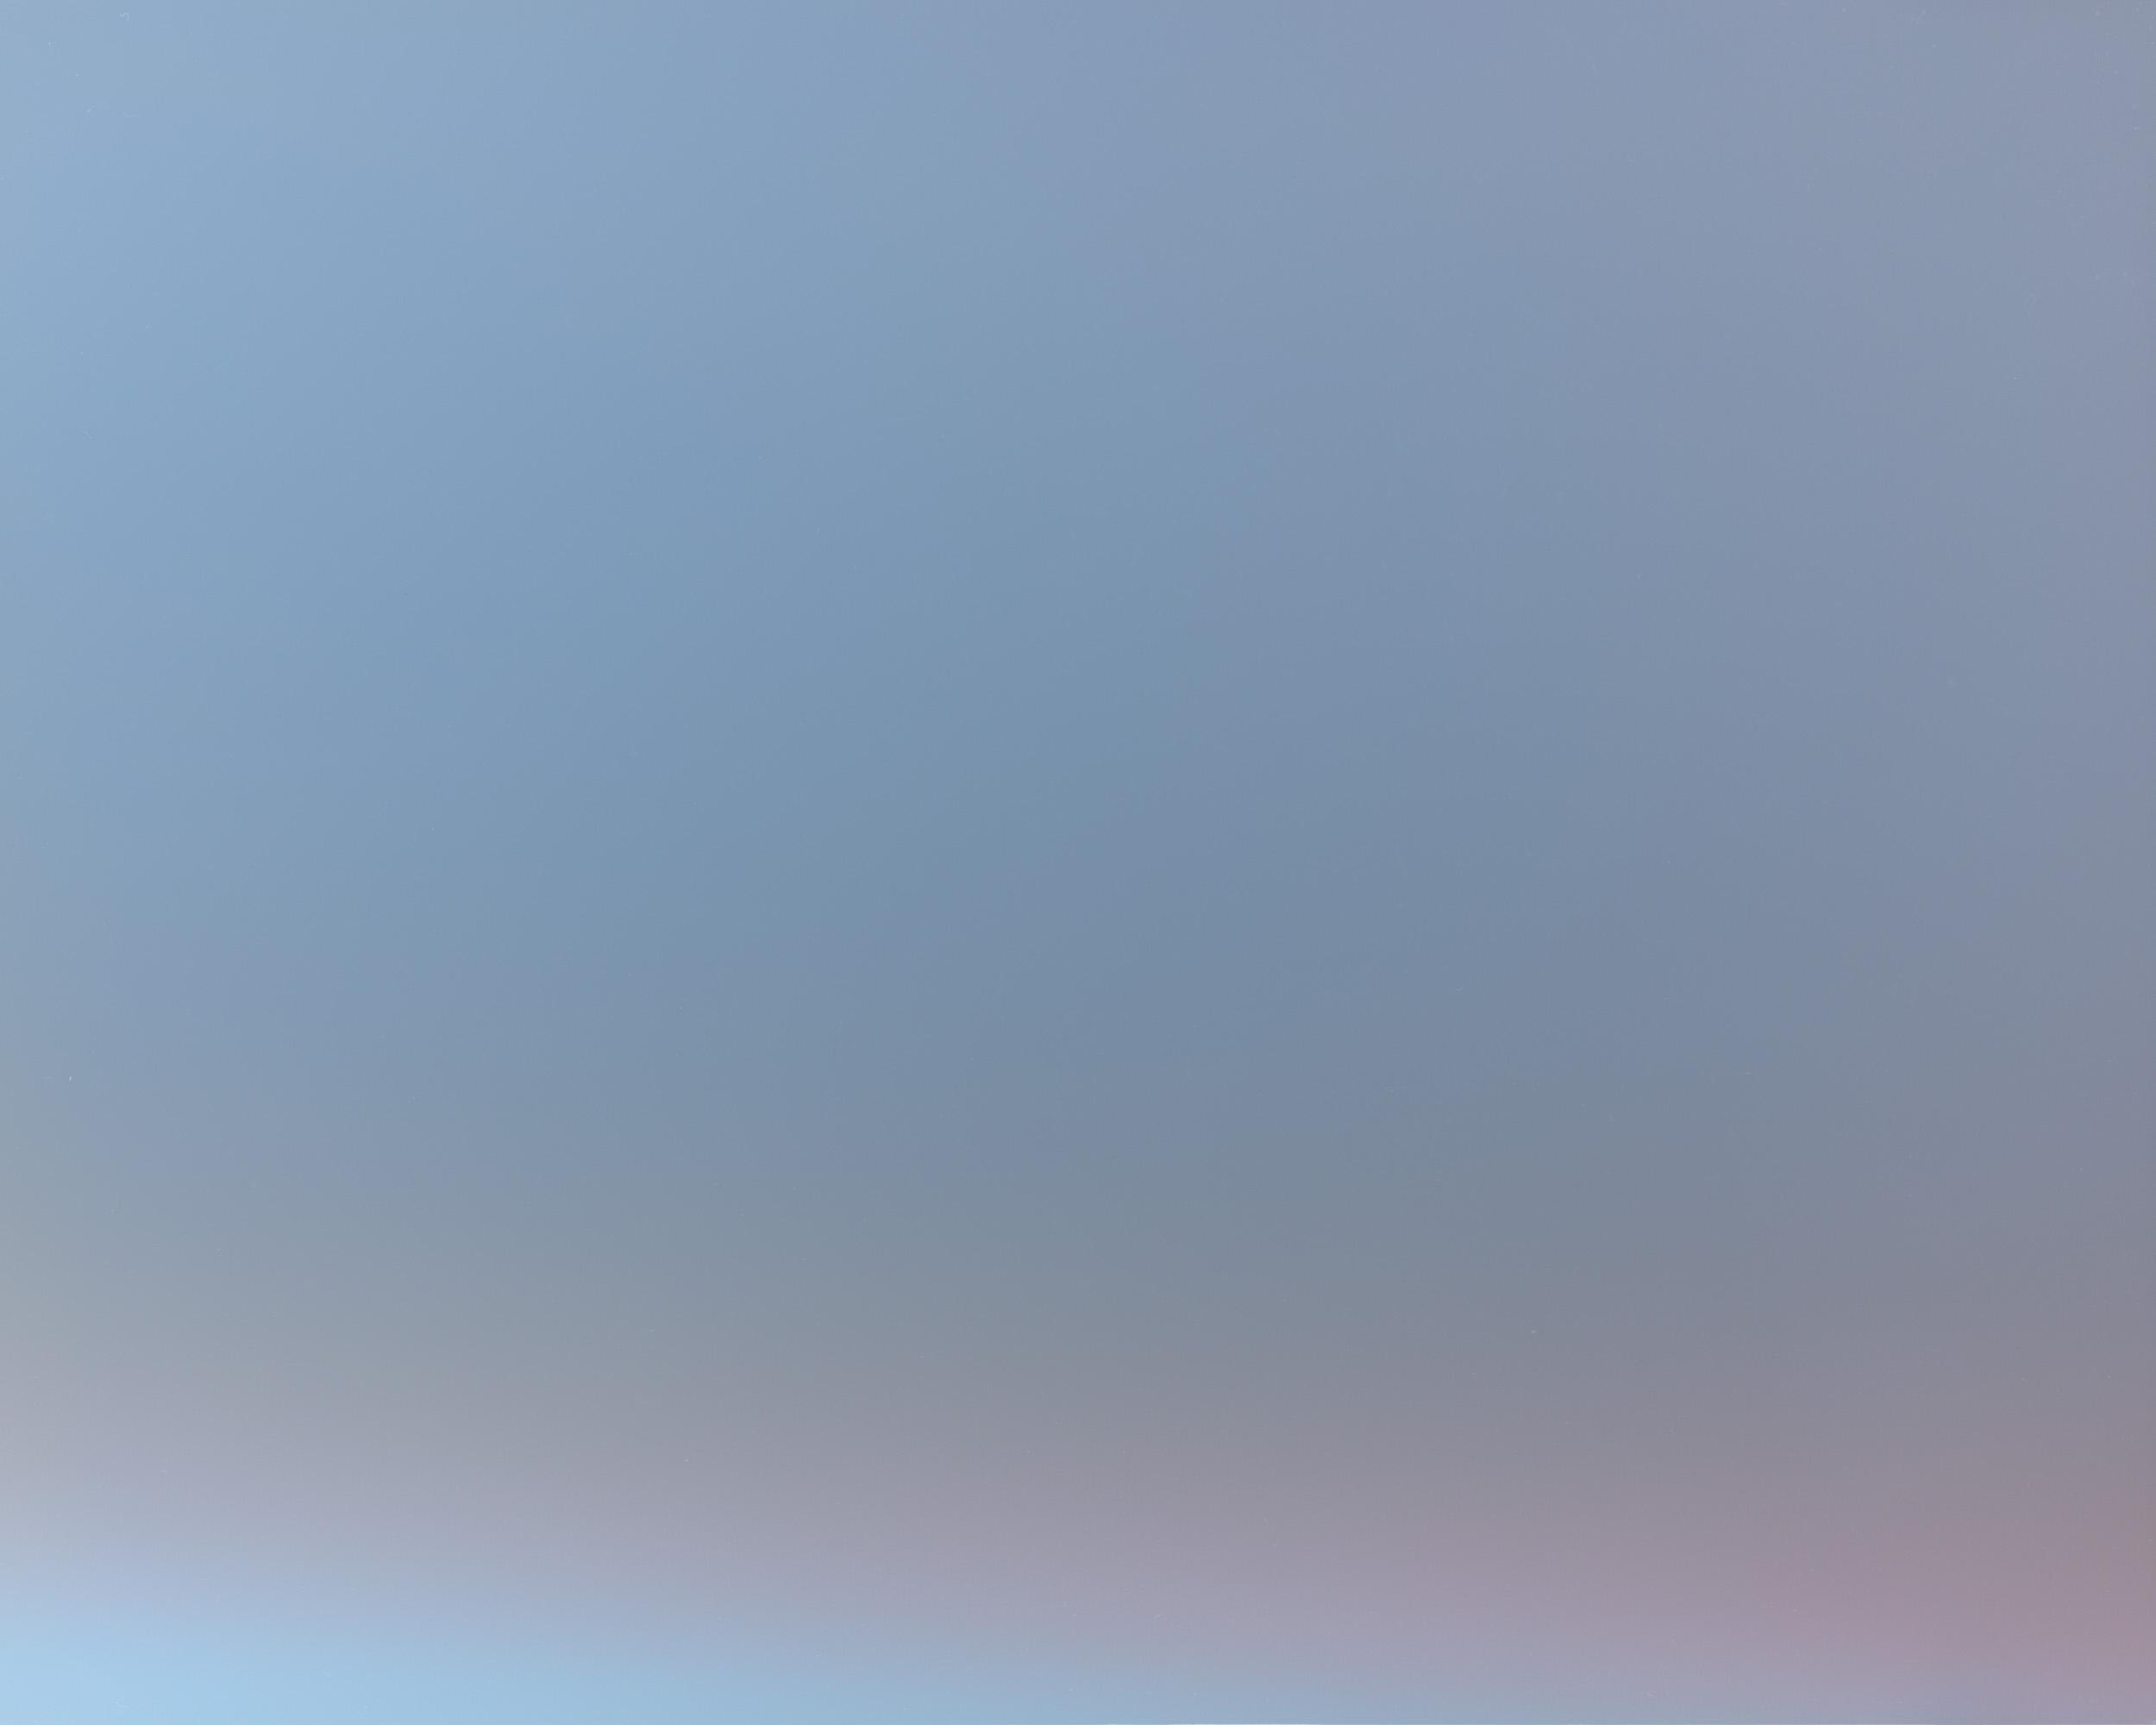 sky-10.jpg